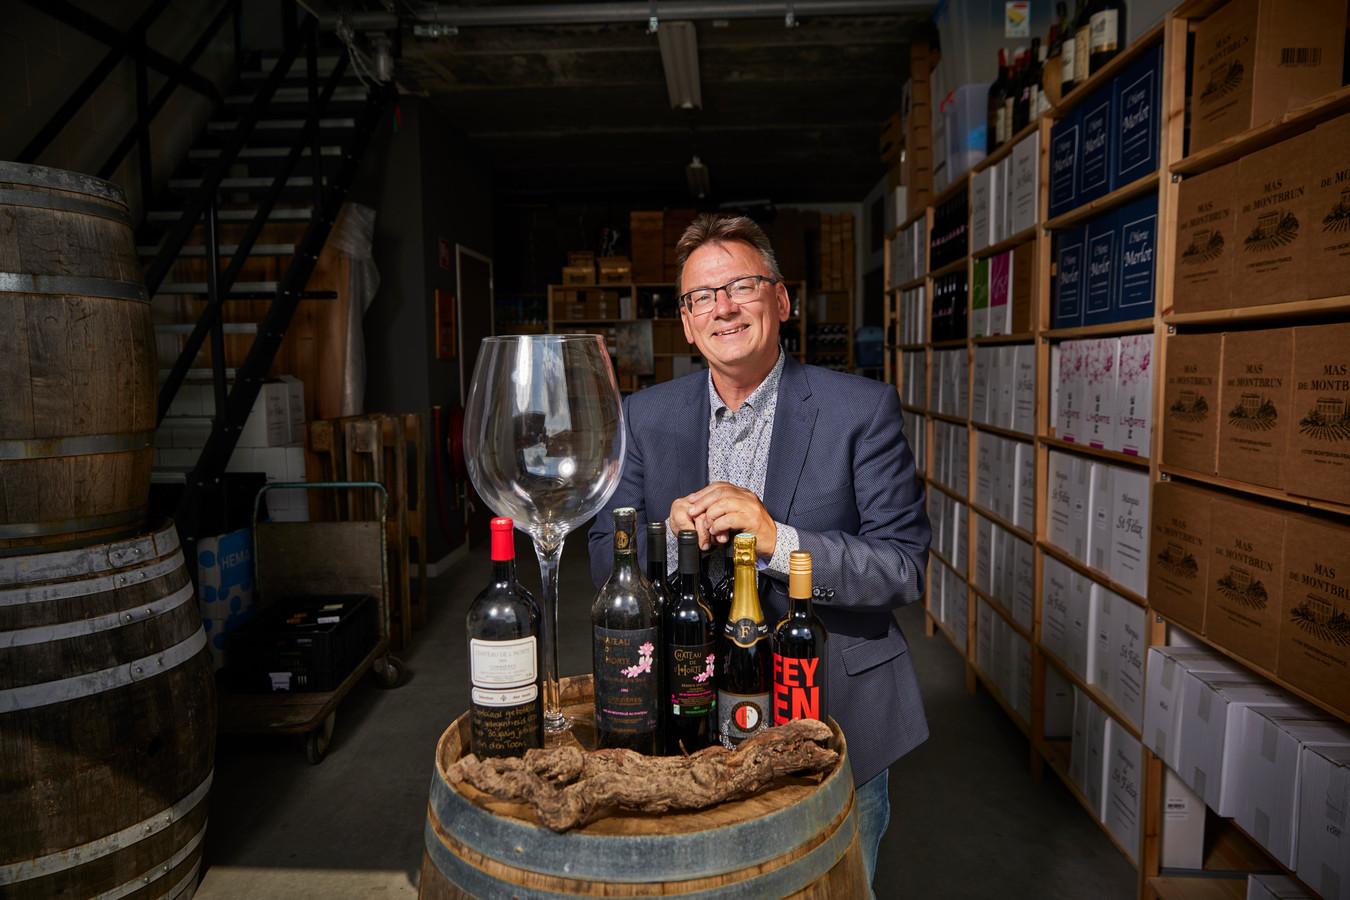 Wijnboer Paul den Toom in zijn wijnopslag in Barendrecht. Hij verkoopt wijnen onder de naam van zijn eigen château, maar levert bijvoorbeeld ook aan Feyenoord.